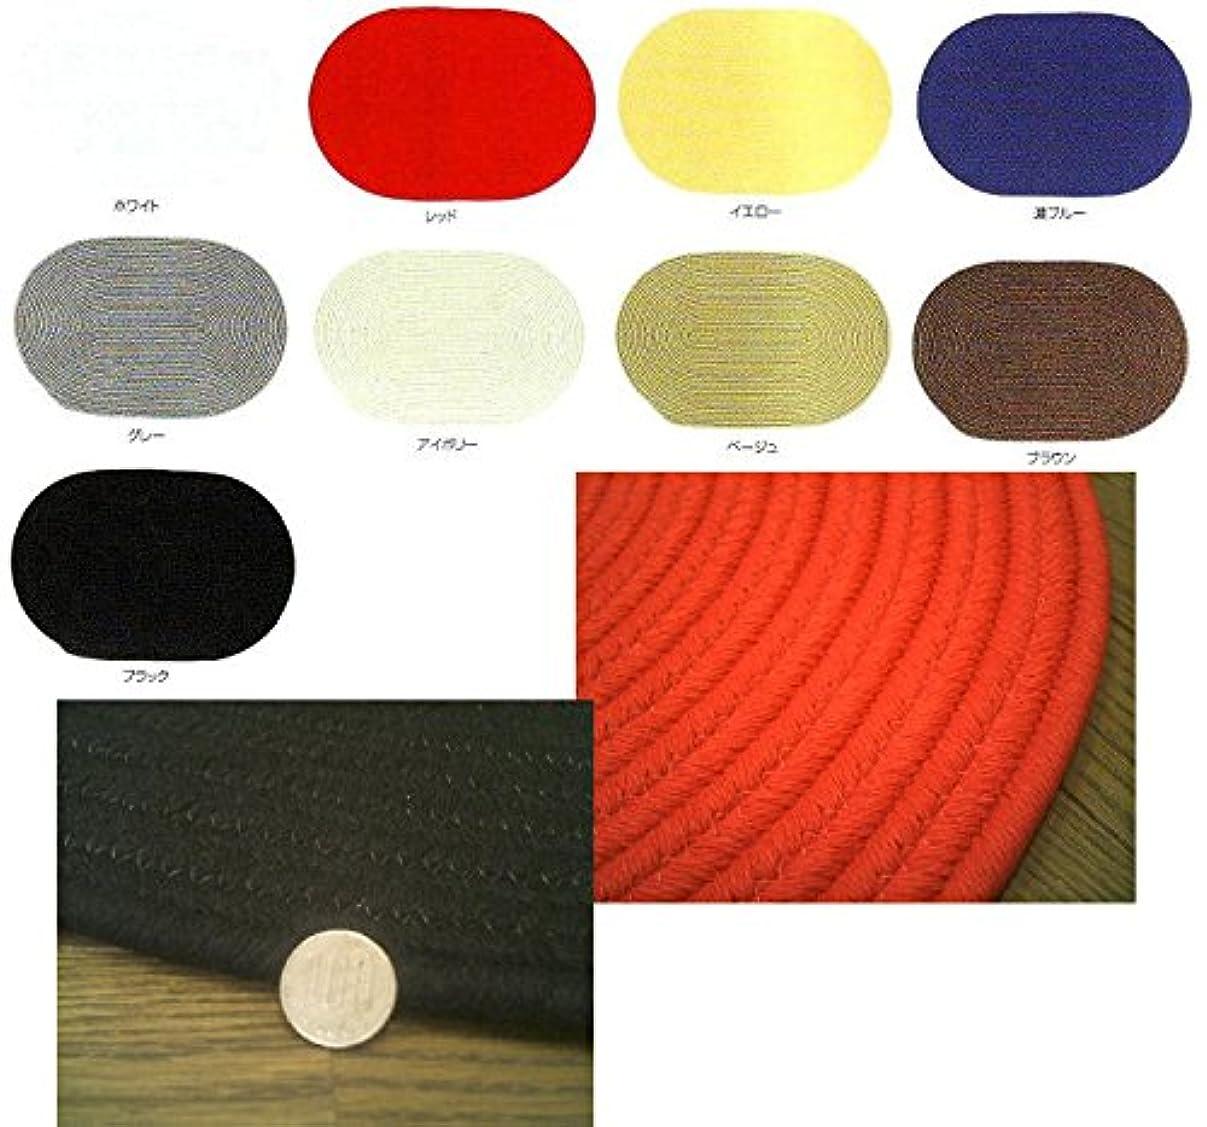 偶然の証言布ラグマット 国産 70x120 楕円形 オーバル カントリー ナチゥラル 編み カーペット 玄関